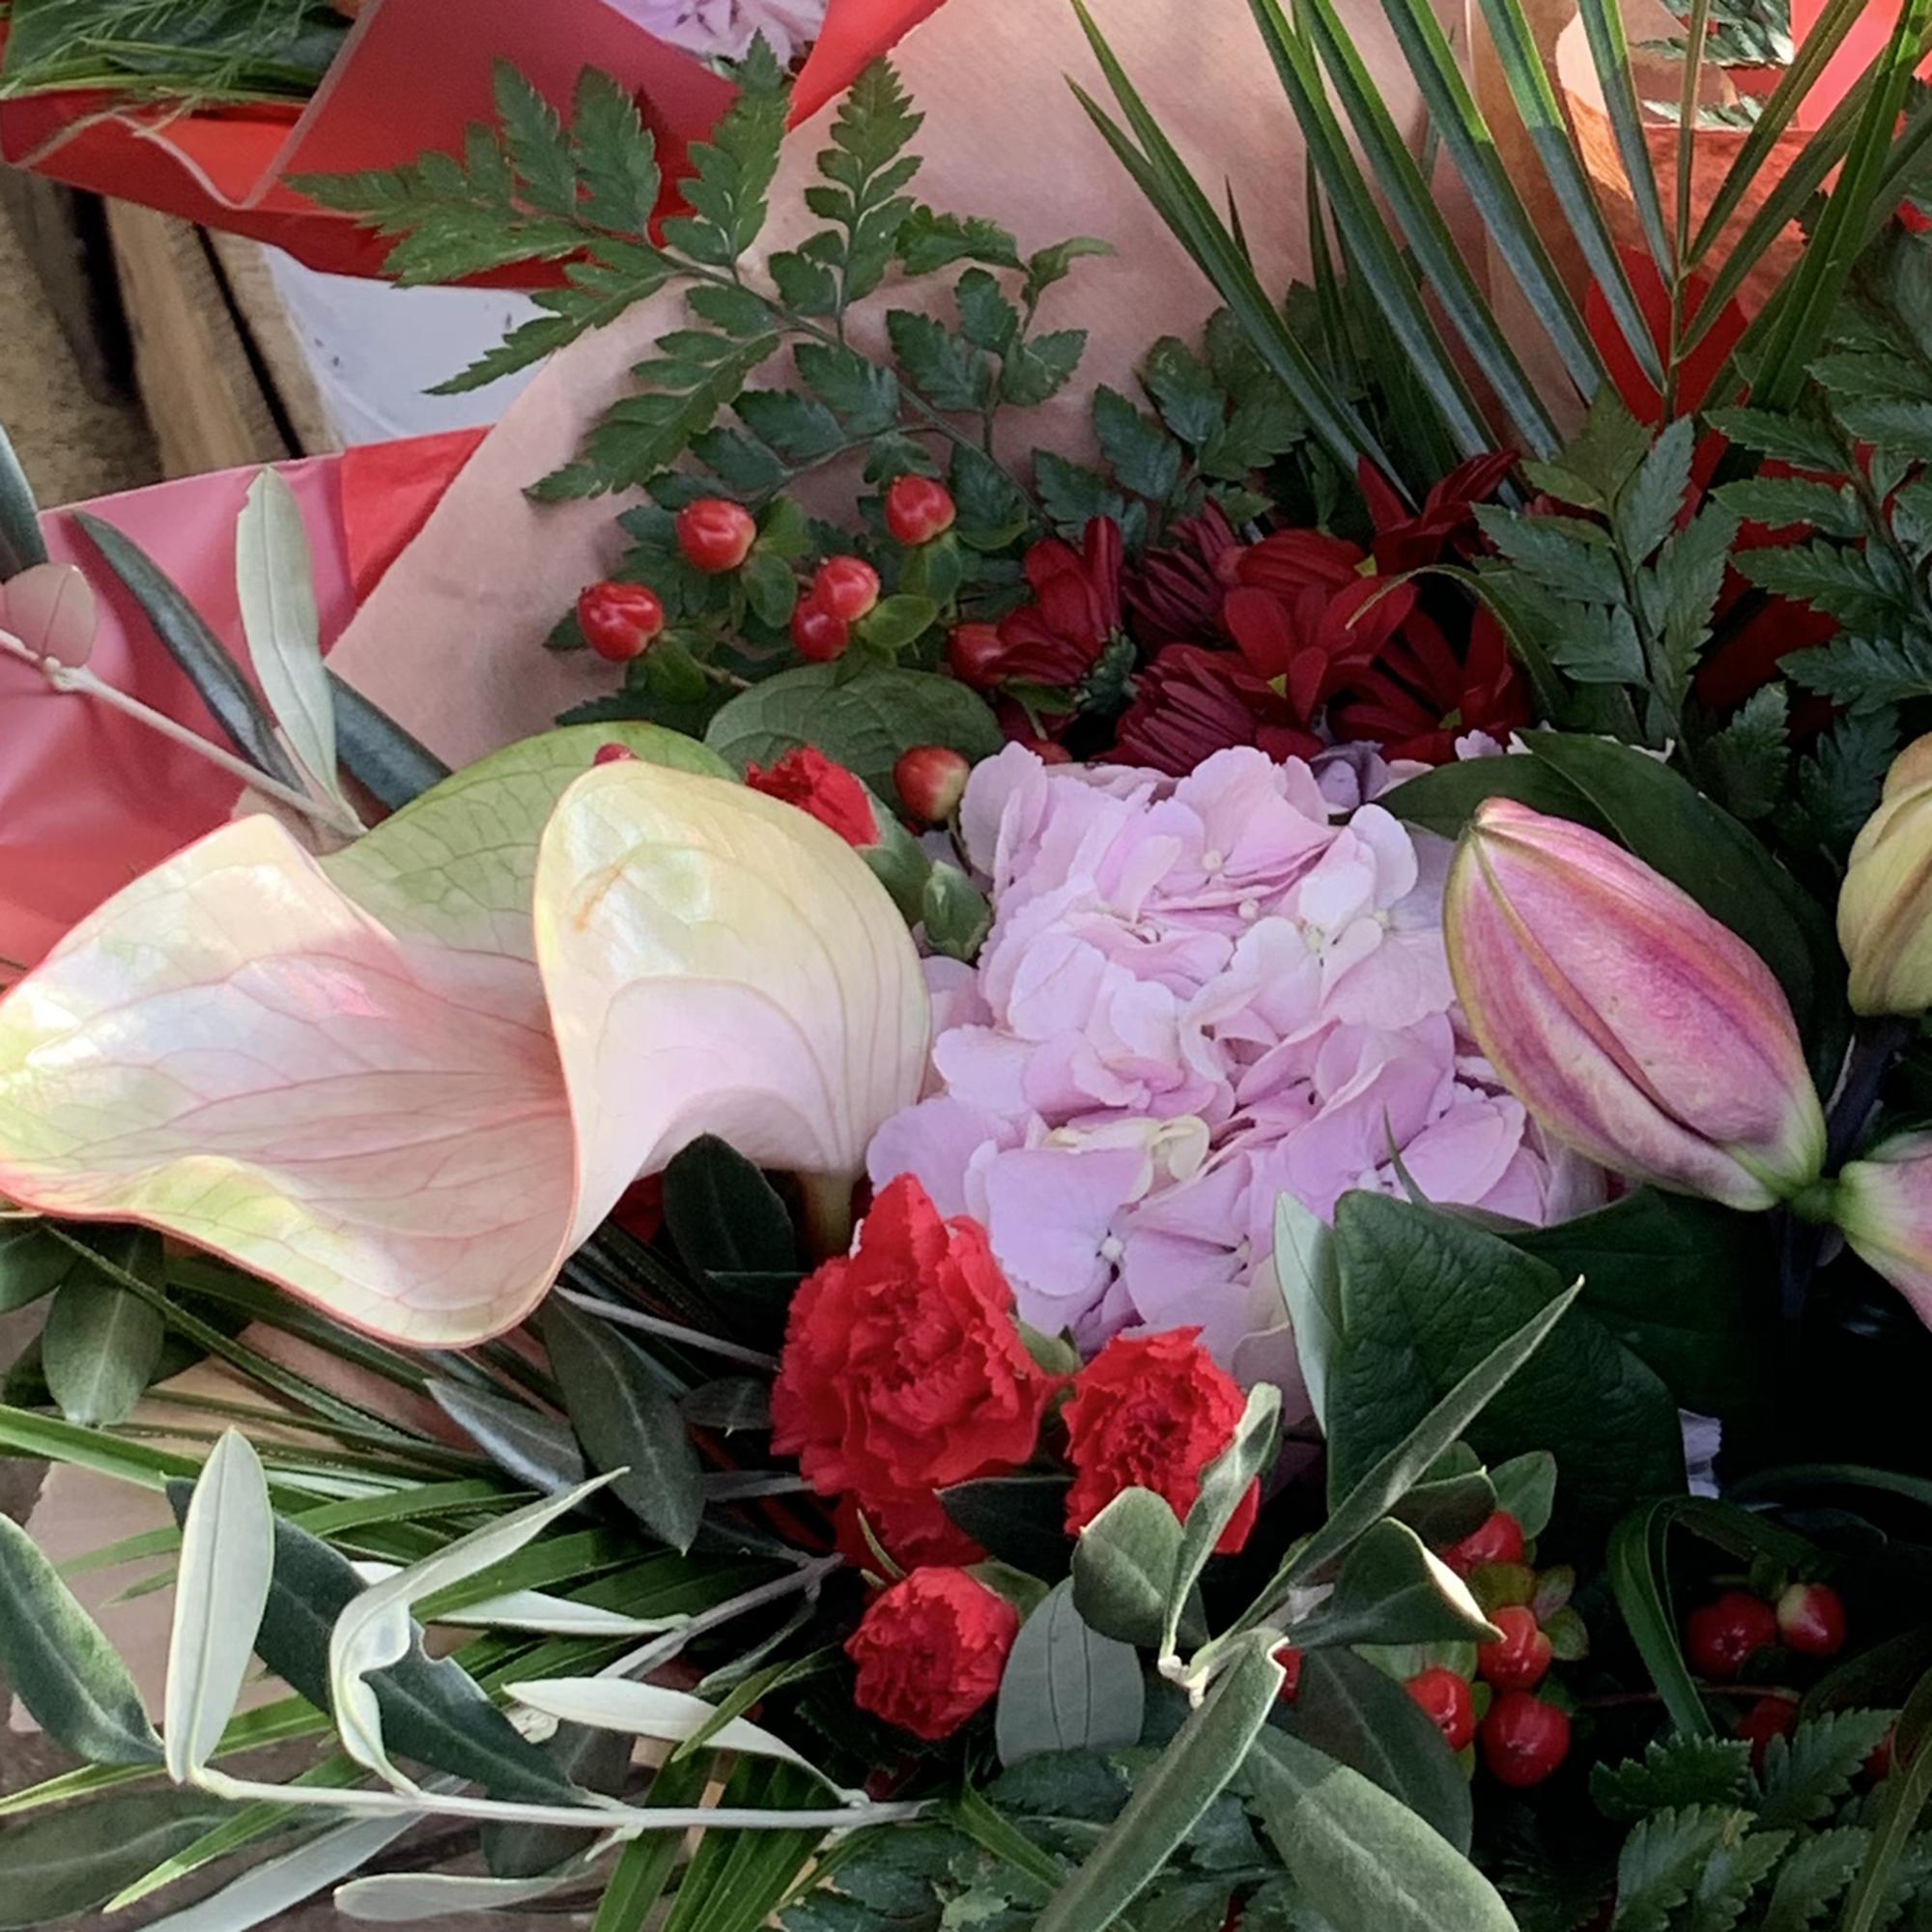 Riccis_flowers.jpg